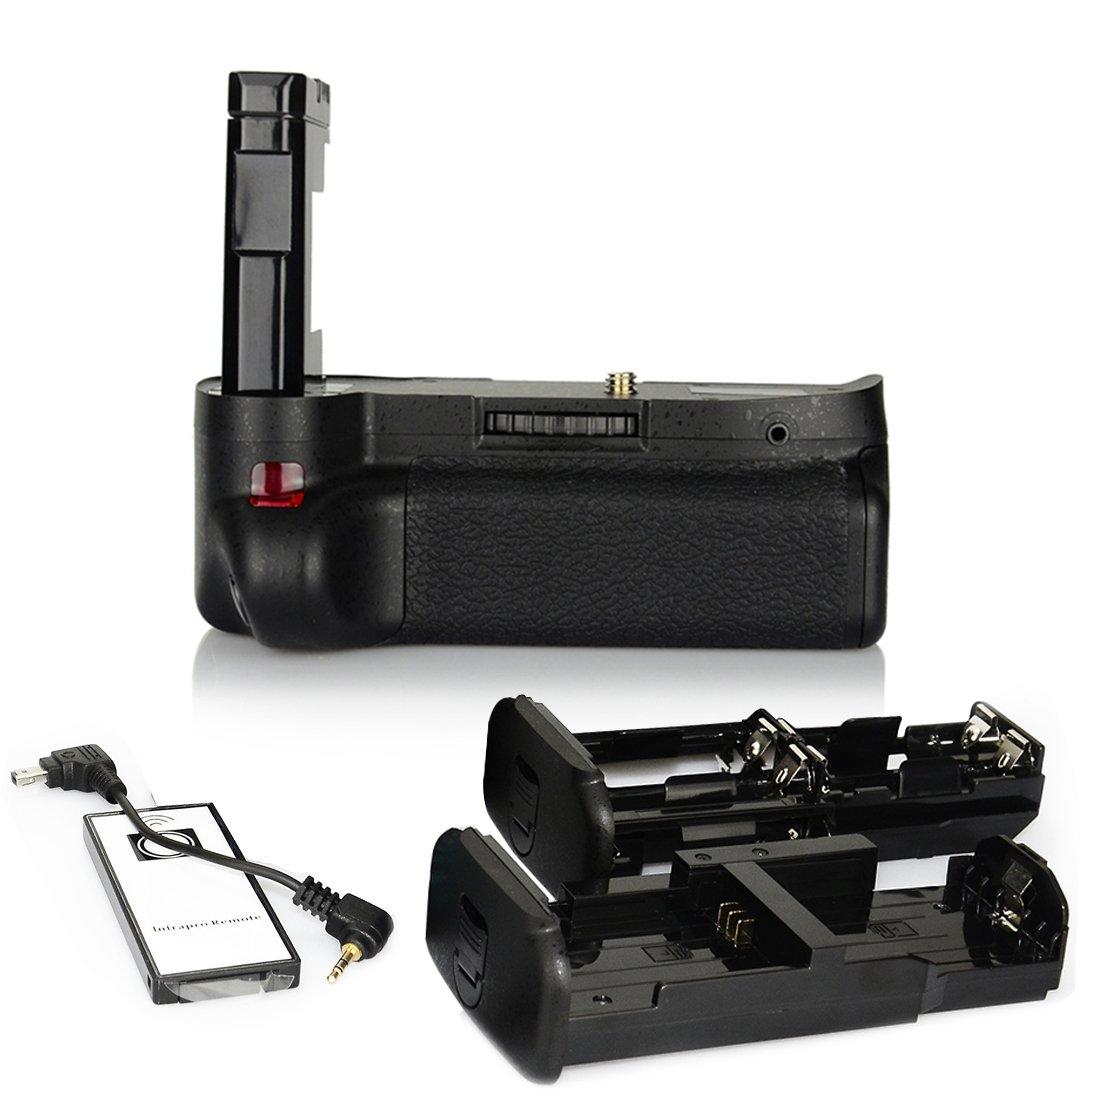 DSTE Pro IR Remote MB-D51 Vertical Battery Grip for Nikon D5100 D5200 SLR Digital Camera as EN-EL14 EN-EL14A